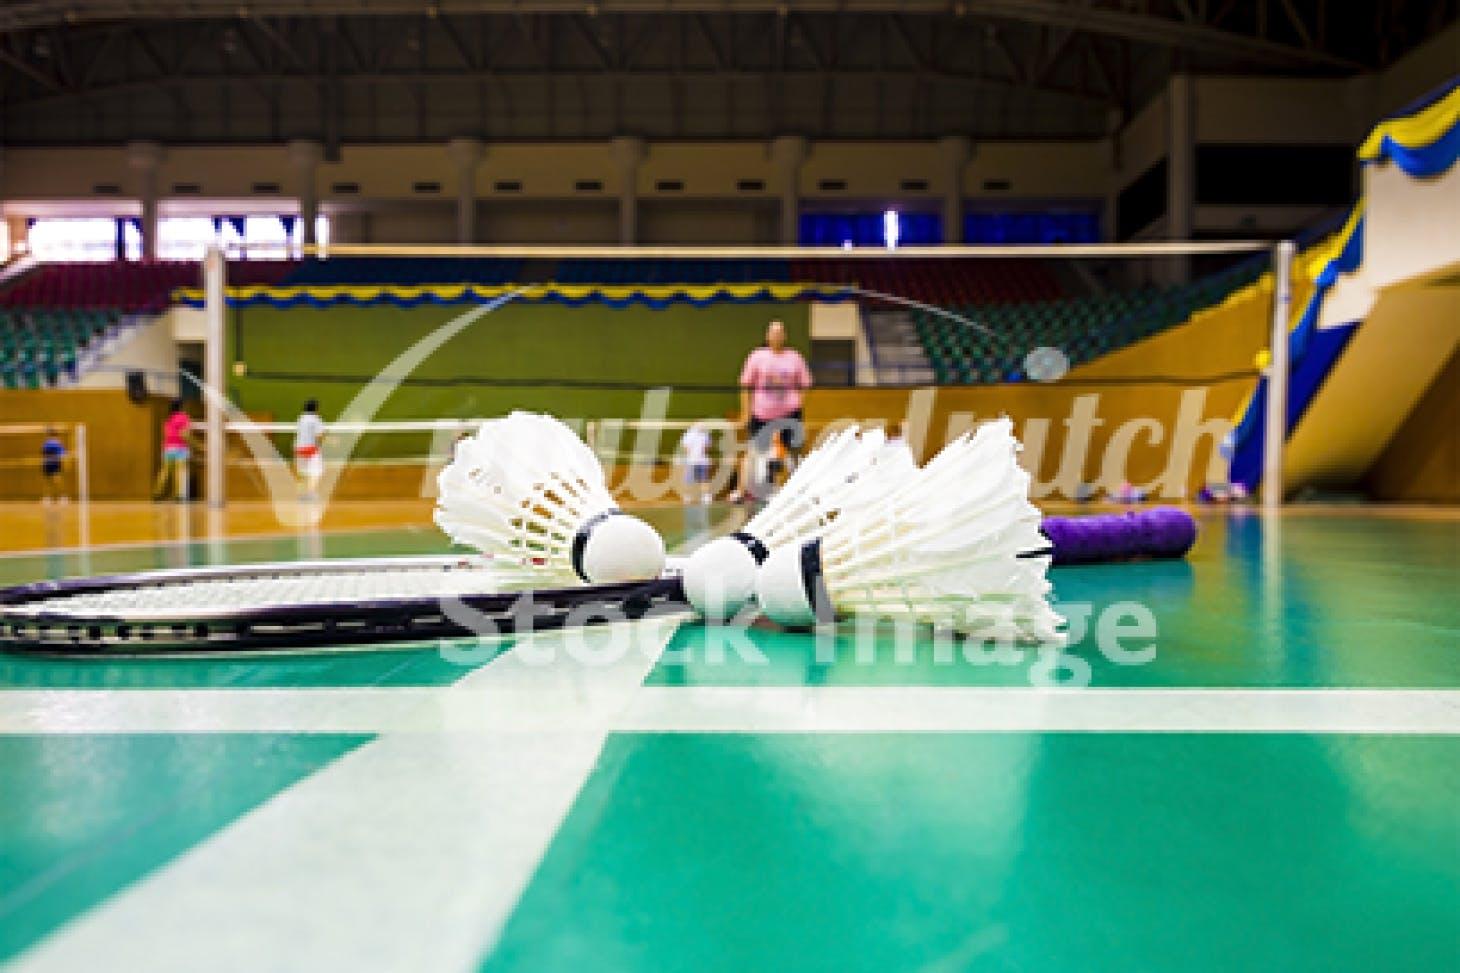 The Heathland School Indoor | Hard badminton court